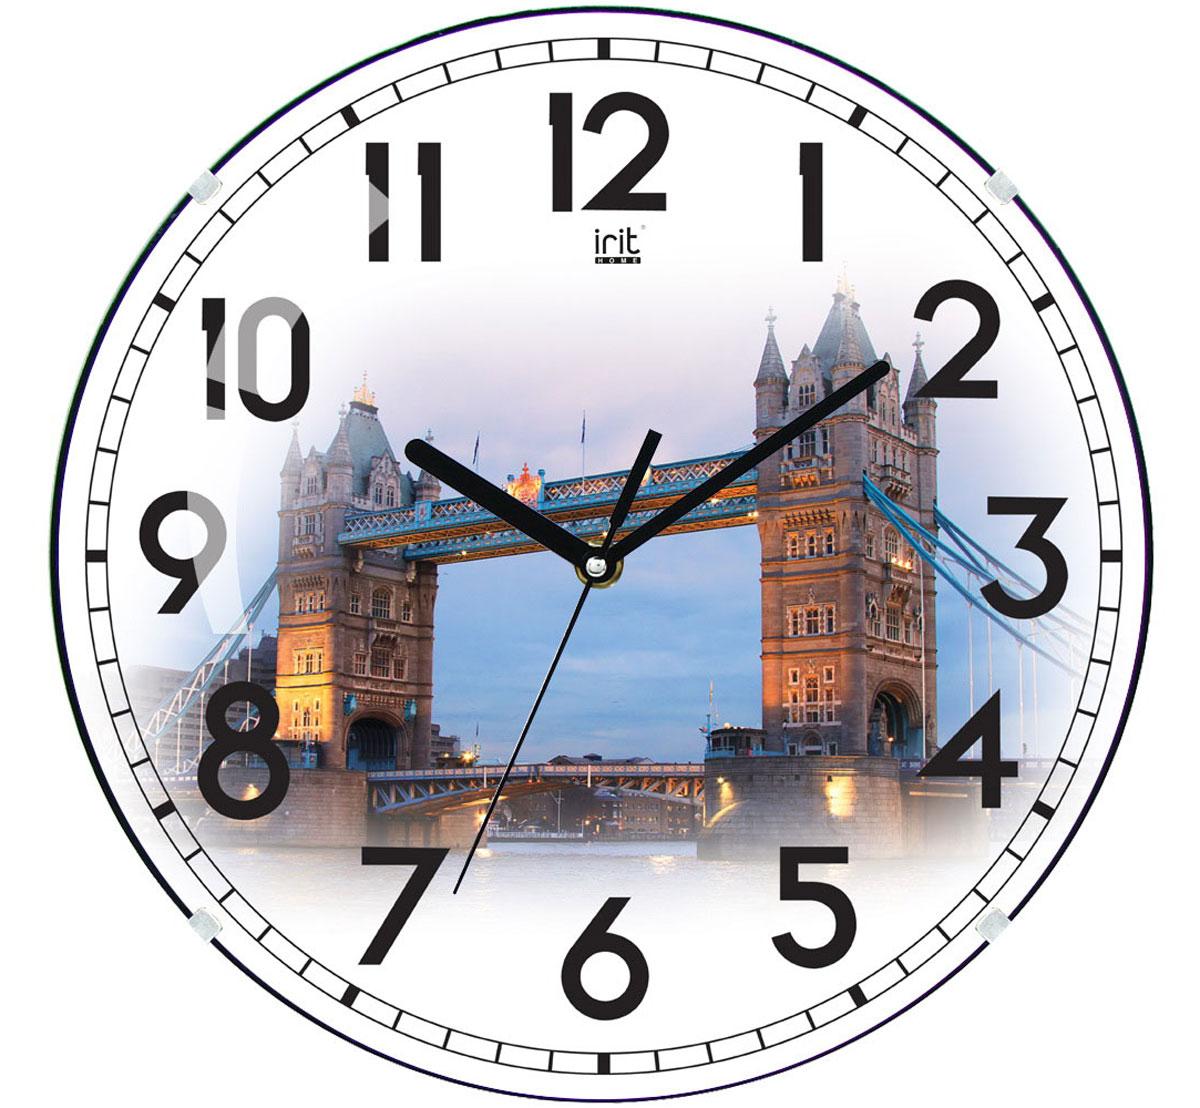 Irit IR-625 Европа настенные часы94672Настенные часы Irit IR-625 Европа - это элегантный и неотъемлемый элемент дизайна любого помещения. Корпус кварцевых часов выполнен из качественного пластика, который гарантирует не только их легкость, но и практичность, легкий монтаж и уход. Циферблат данной модели оформлен стильным и красивым принтом. Диаметр часов: 35 см.